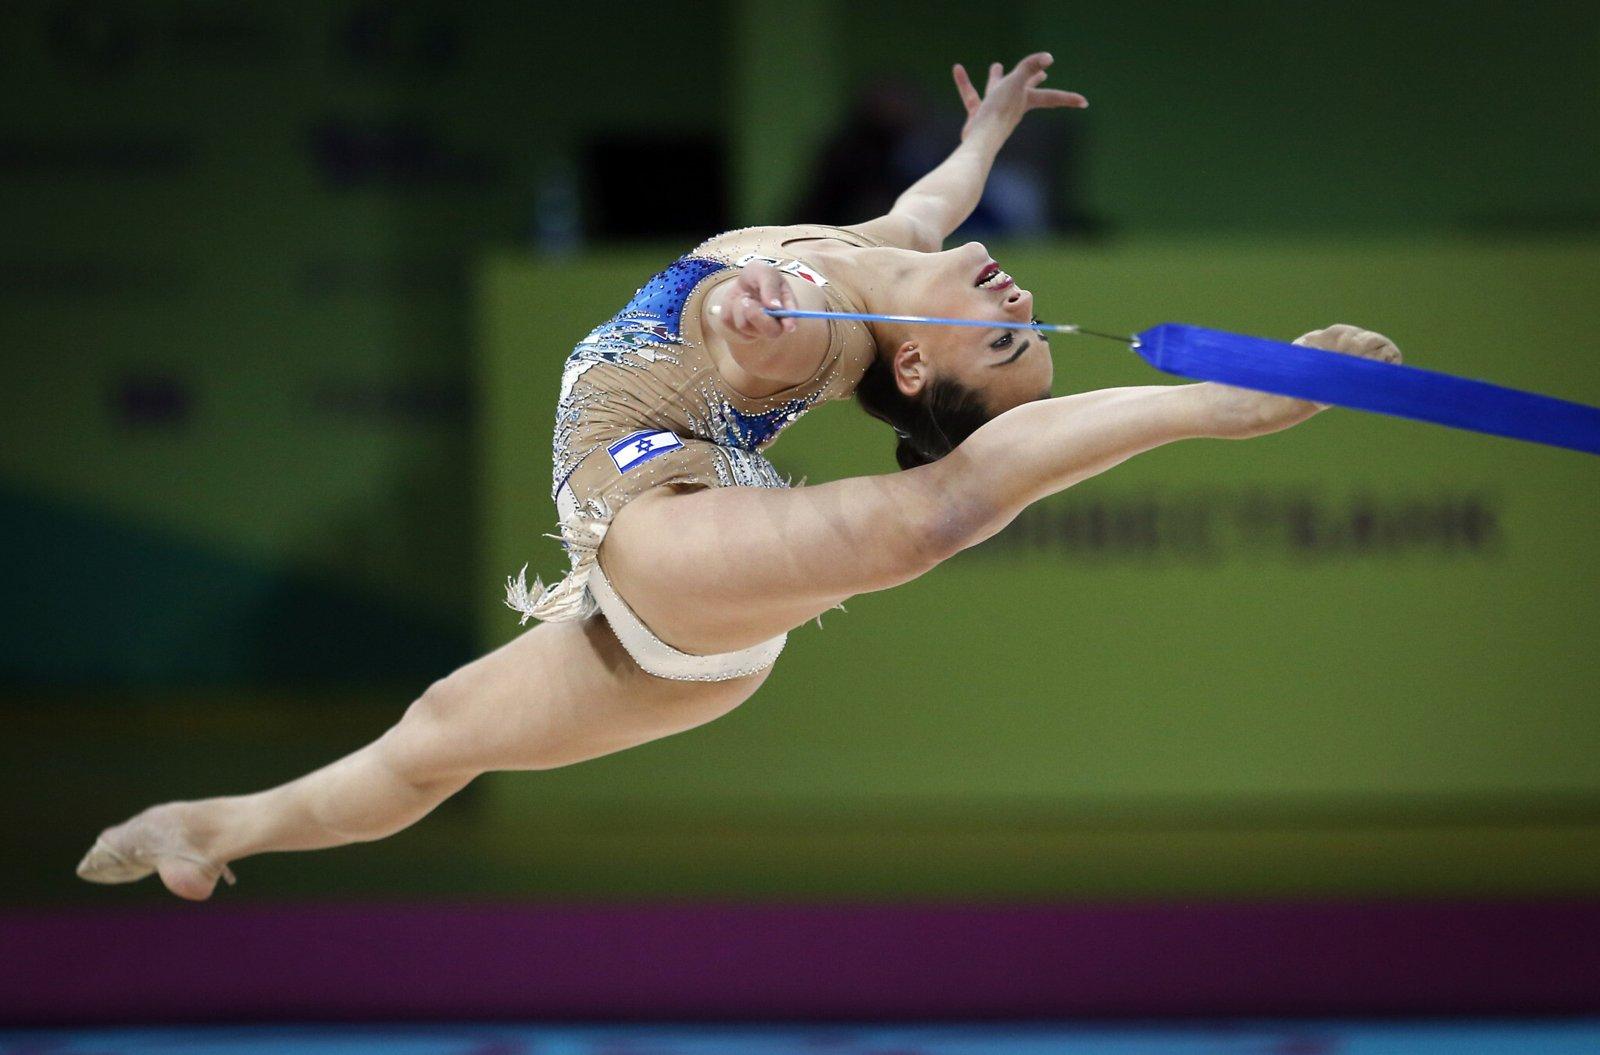 Gimnasta israelí Linoy Ashram consigue medalla de oro y dos platas en campeonatos europeos